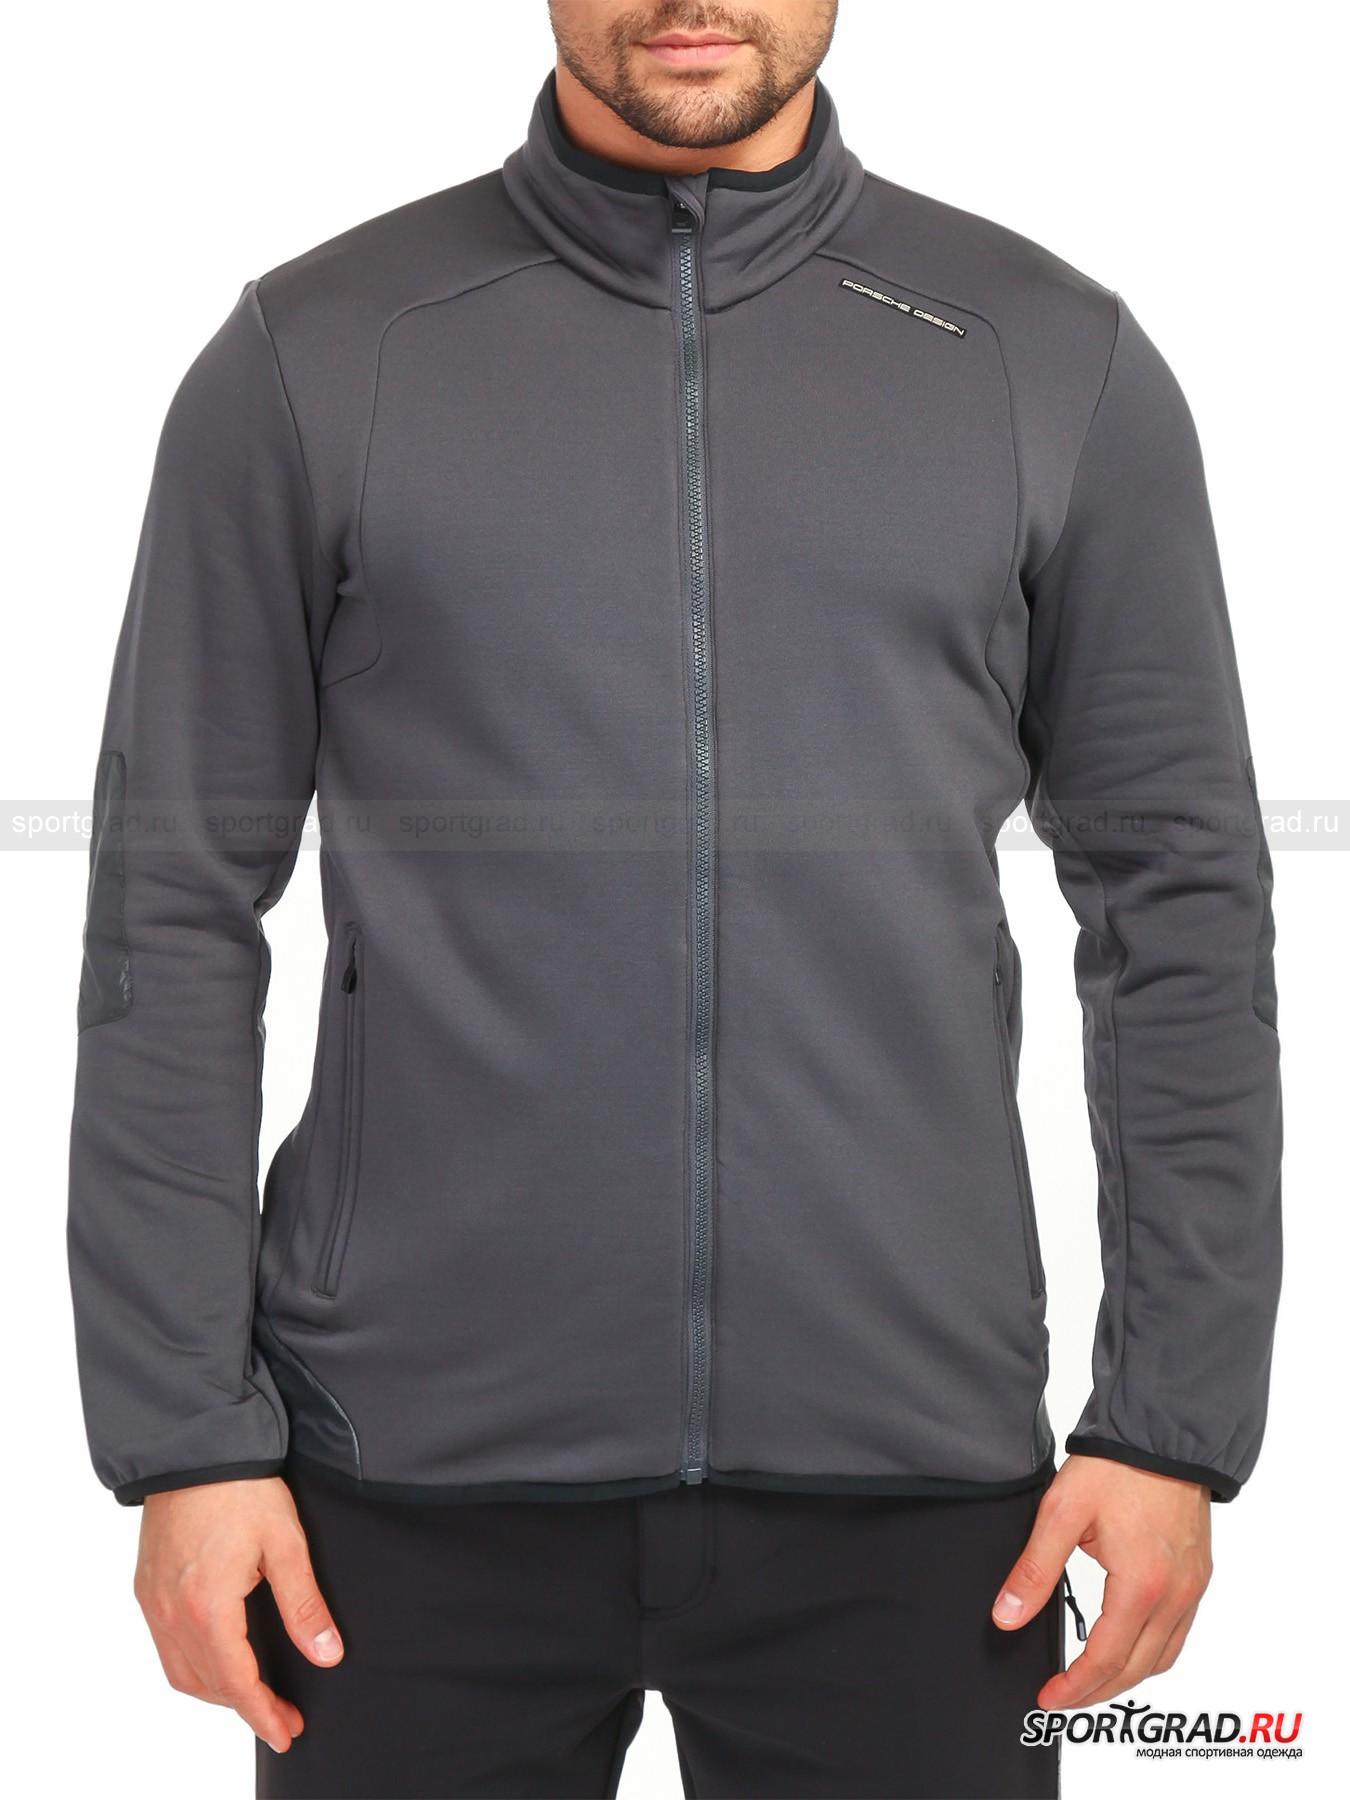 ��������� ������� Fullzip fleece jacket PORSCHE DESIGN